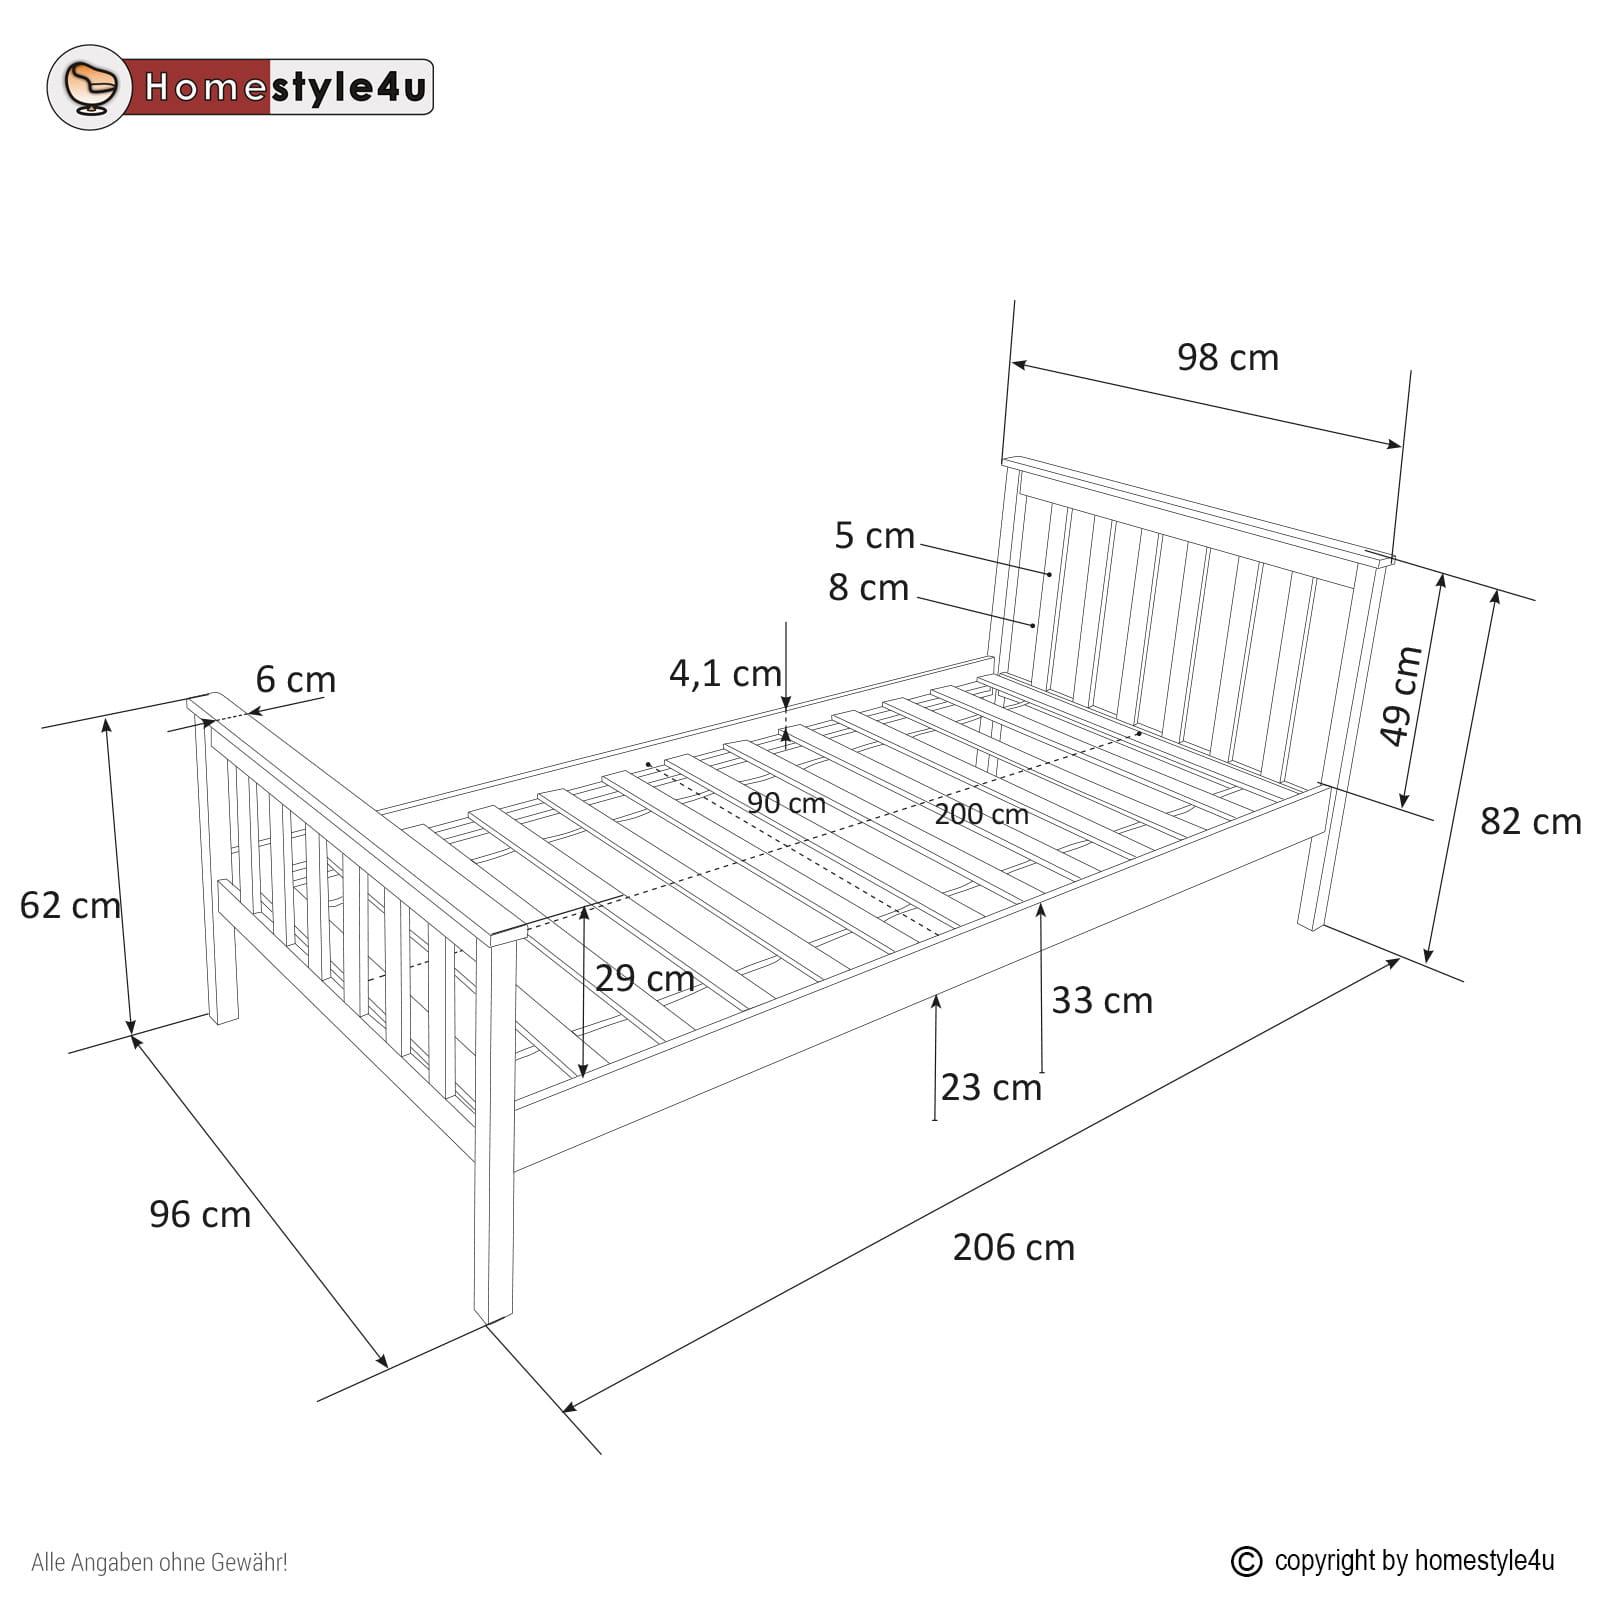 łóżko Młodzieżowe Pojedyncze Drewniane 90 X 200 Cm Białe